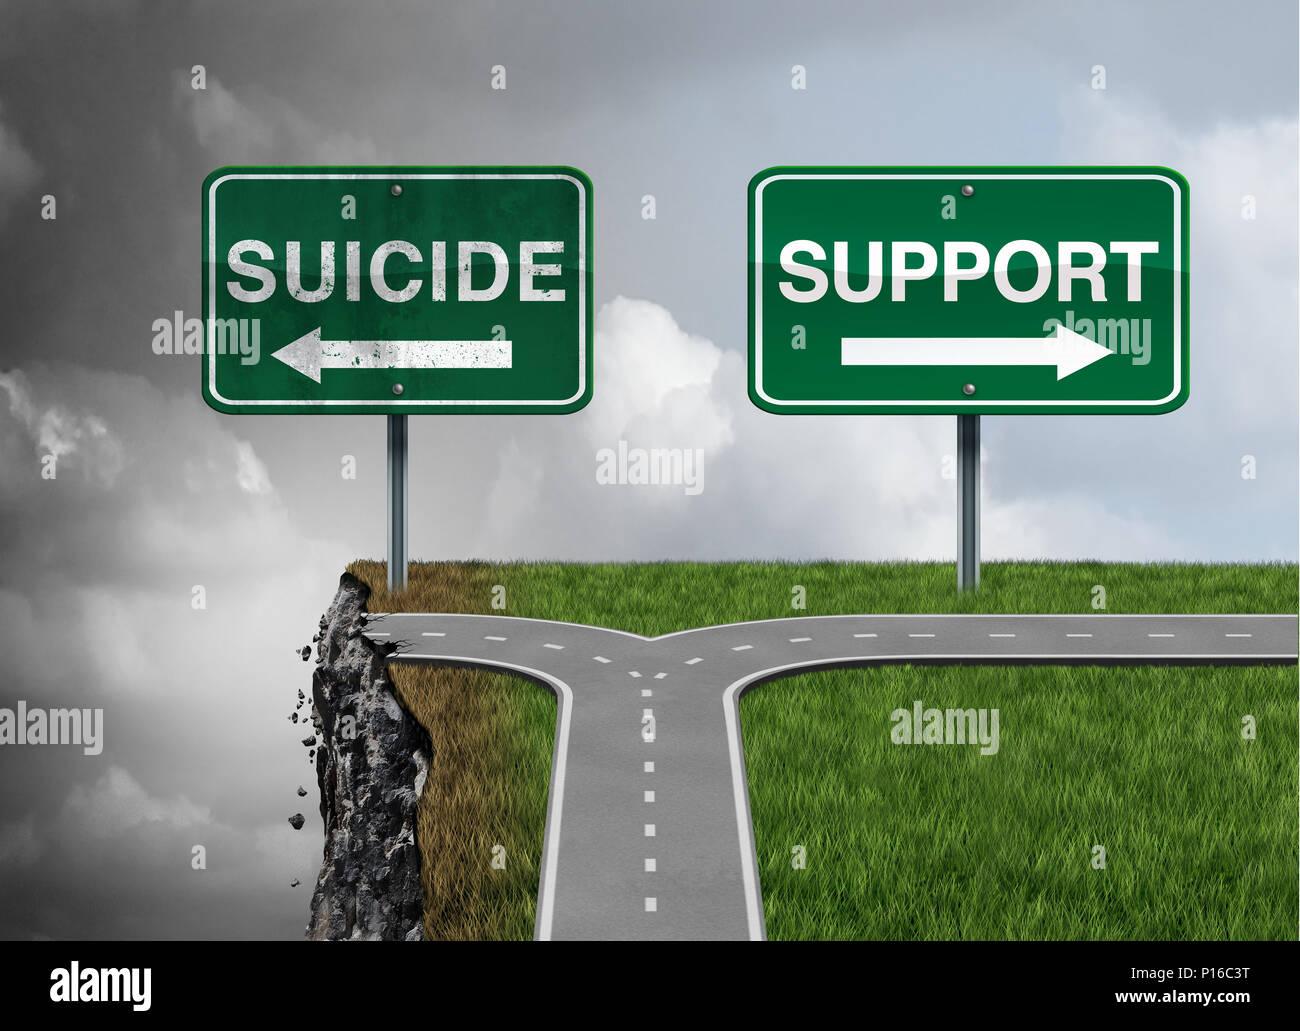 Le suicide et le soutien ou la dépression sévère risque de désespoir comme une maladie mentale santé thérapie concept comme une solution permanente. Photo Stock